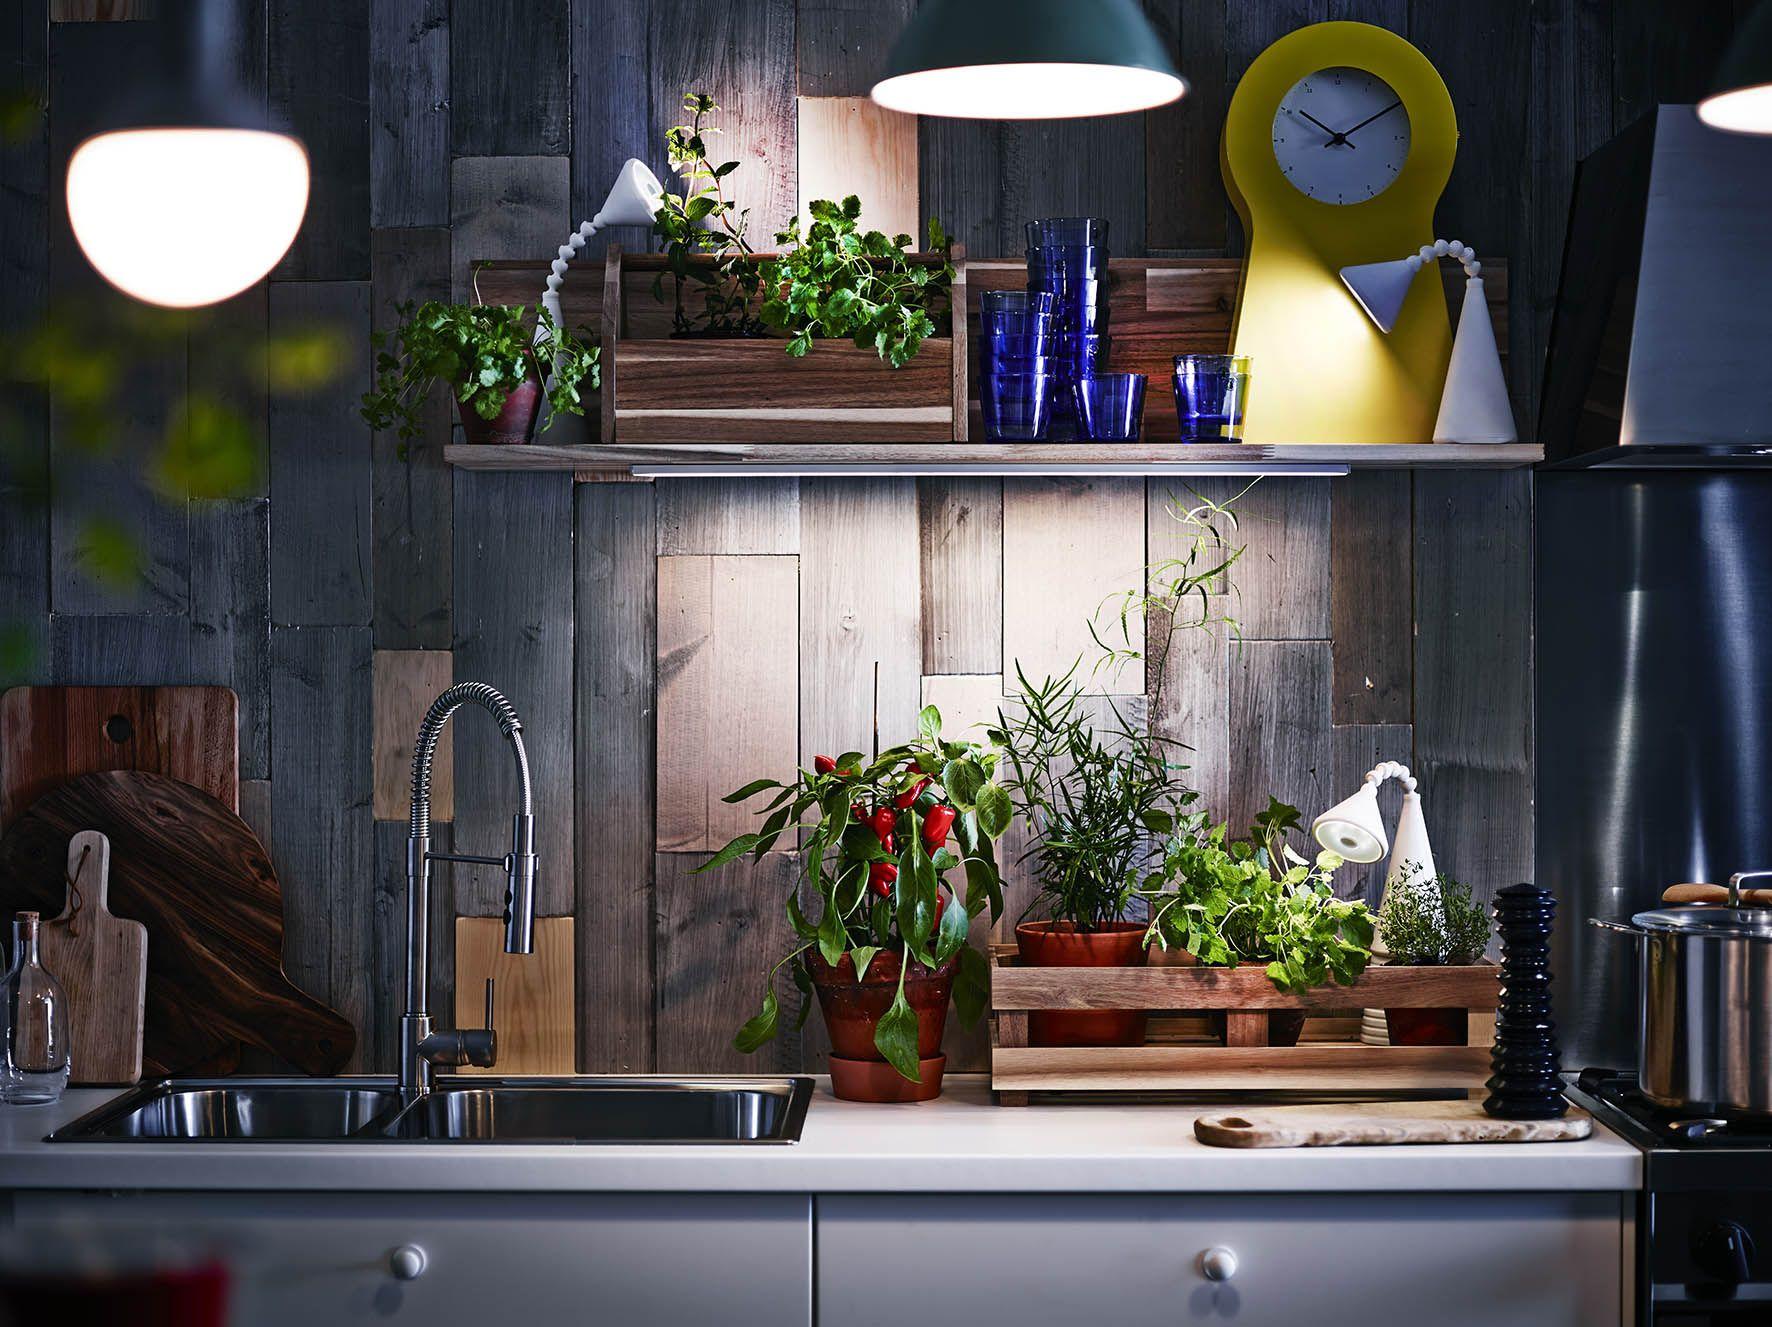 Ikea led verlichting omlopp voor werkblad keuken keukenverlichting